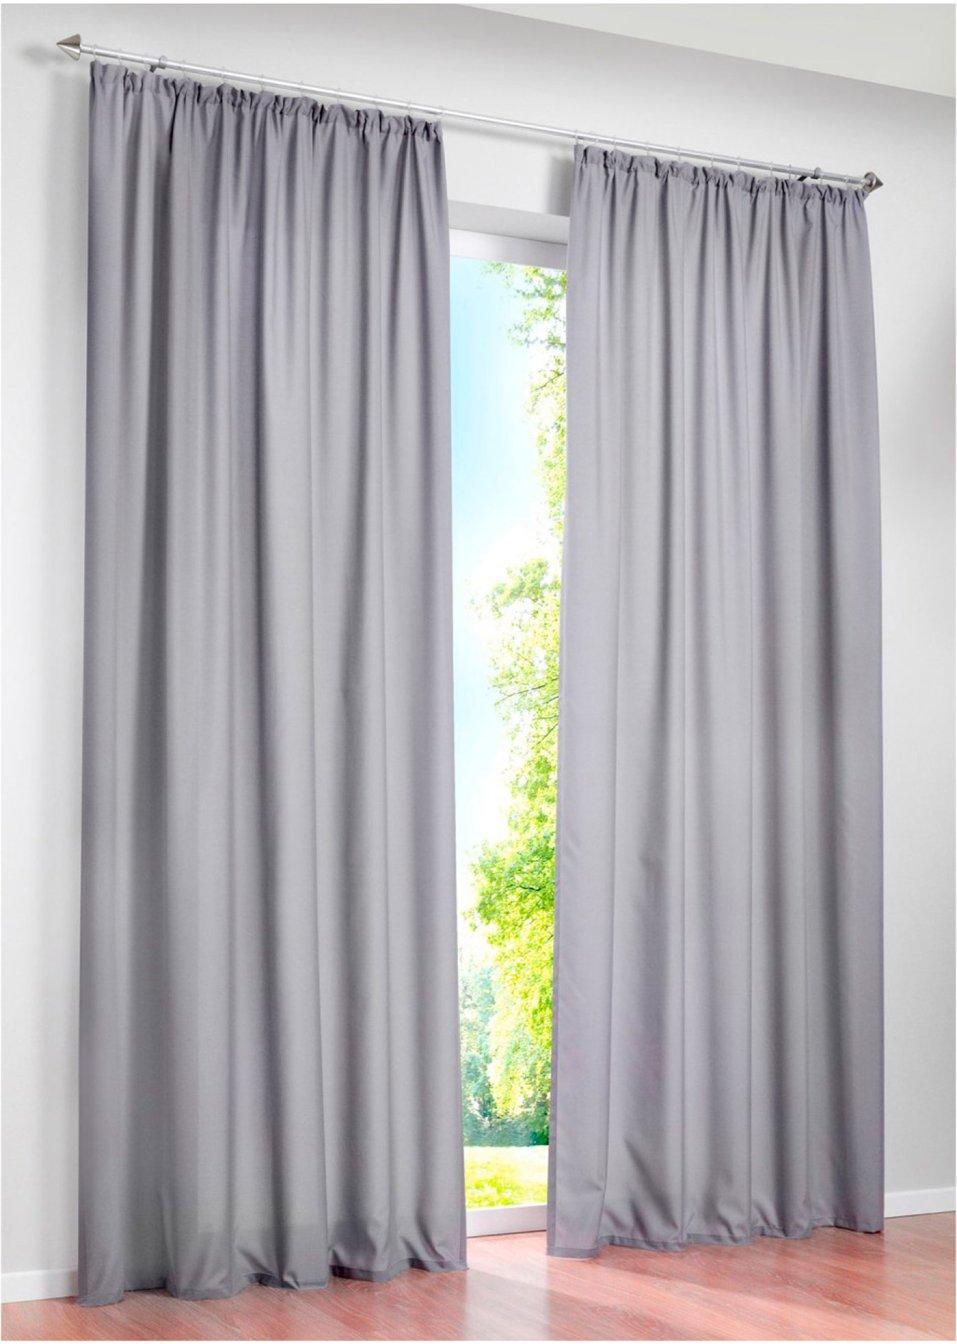 einfach sch n unifarbener vorhang zur dezenten gestaltung ihres wohnraums silber kr uselband. Black Bedroom Furniture Sets. Home Design Ideas